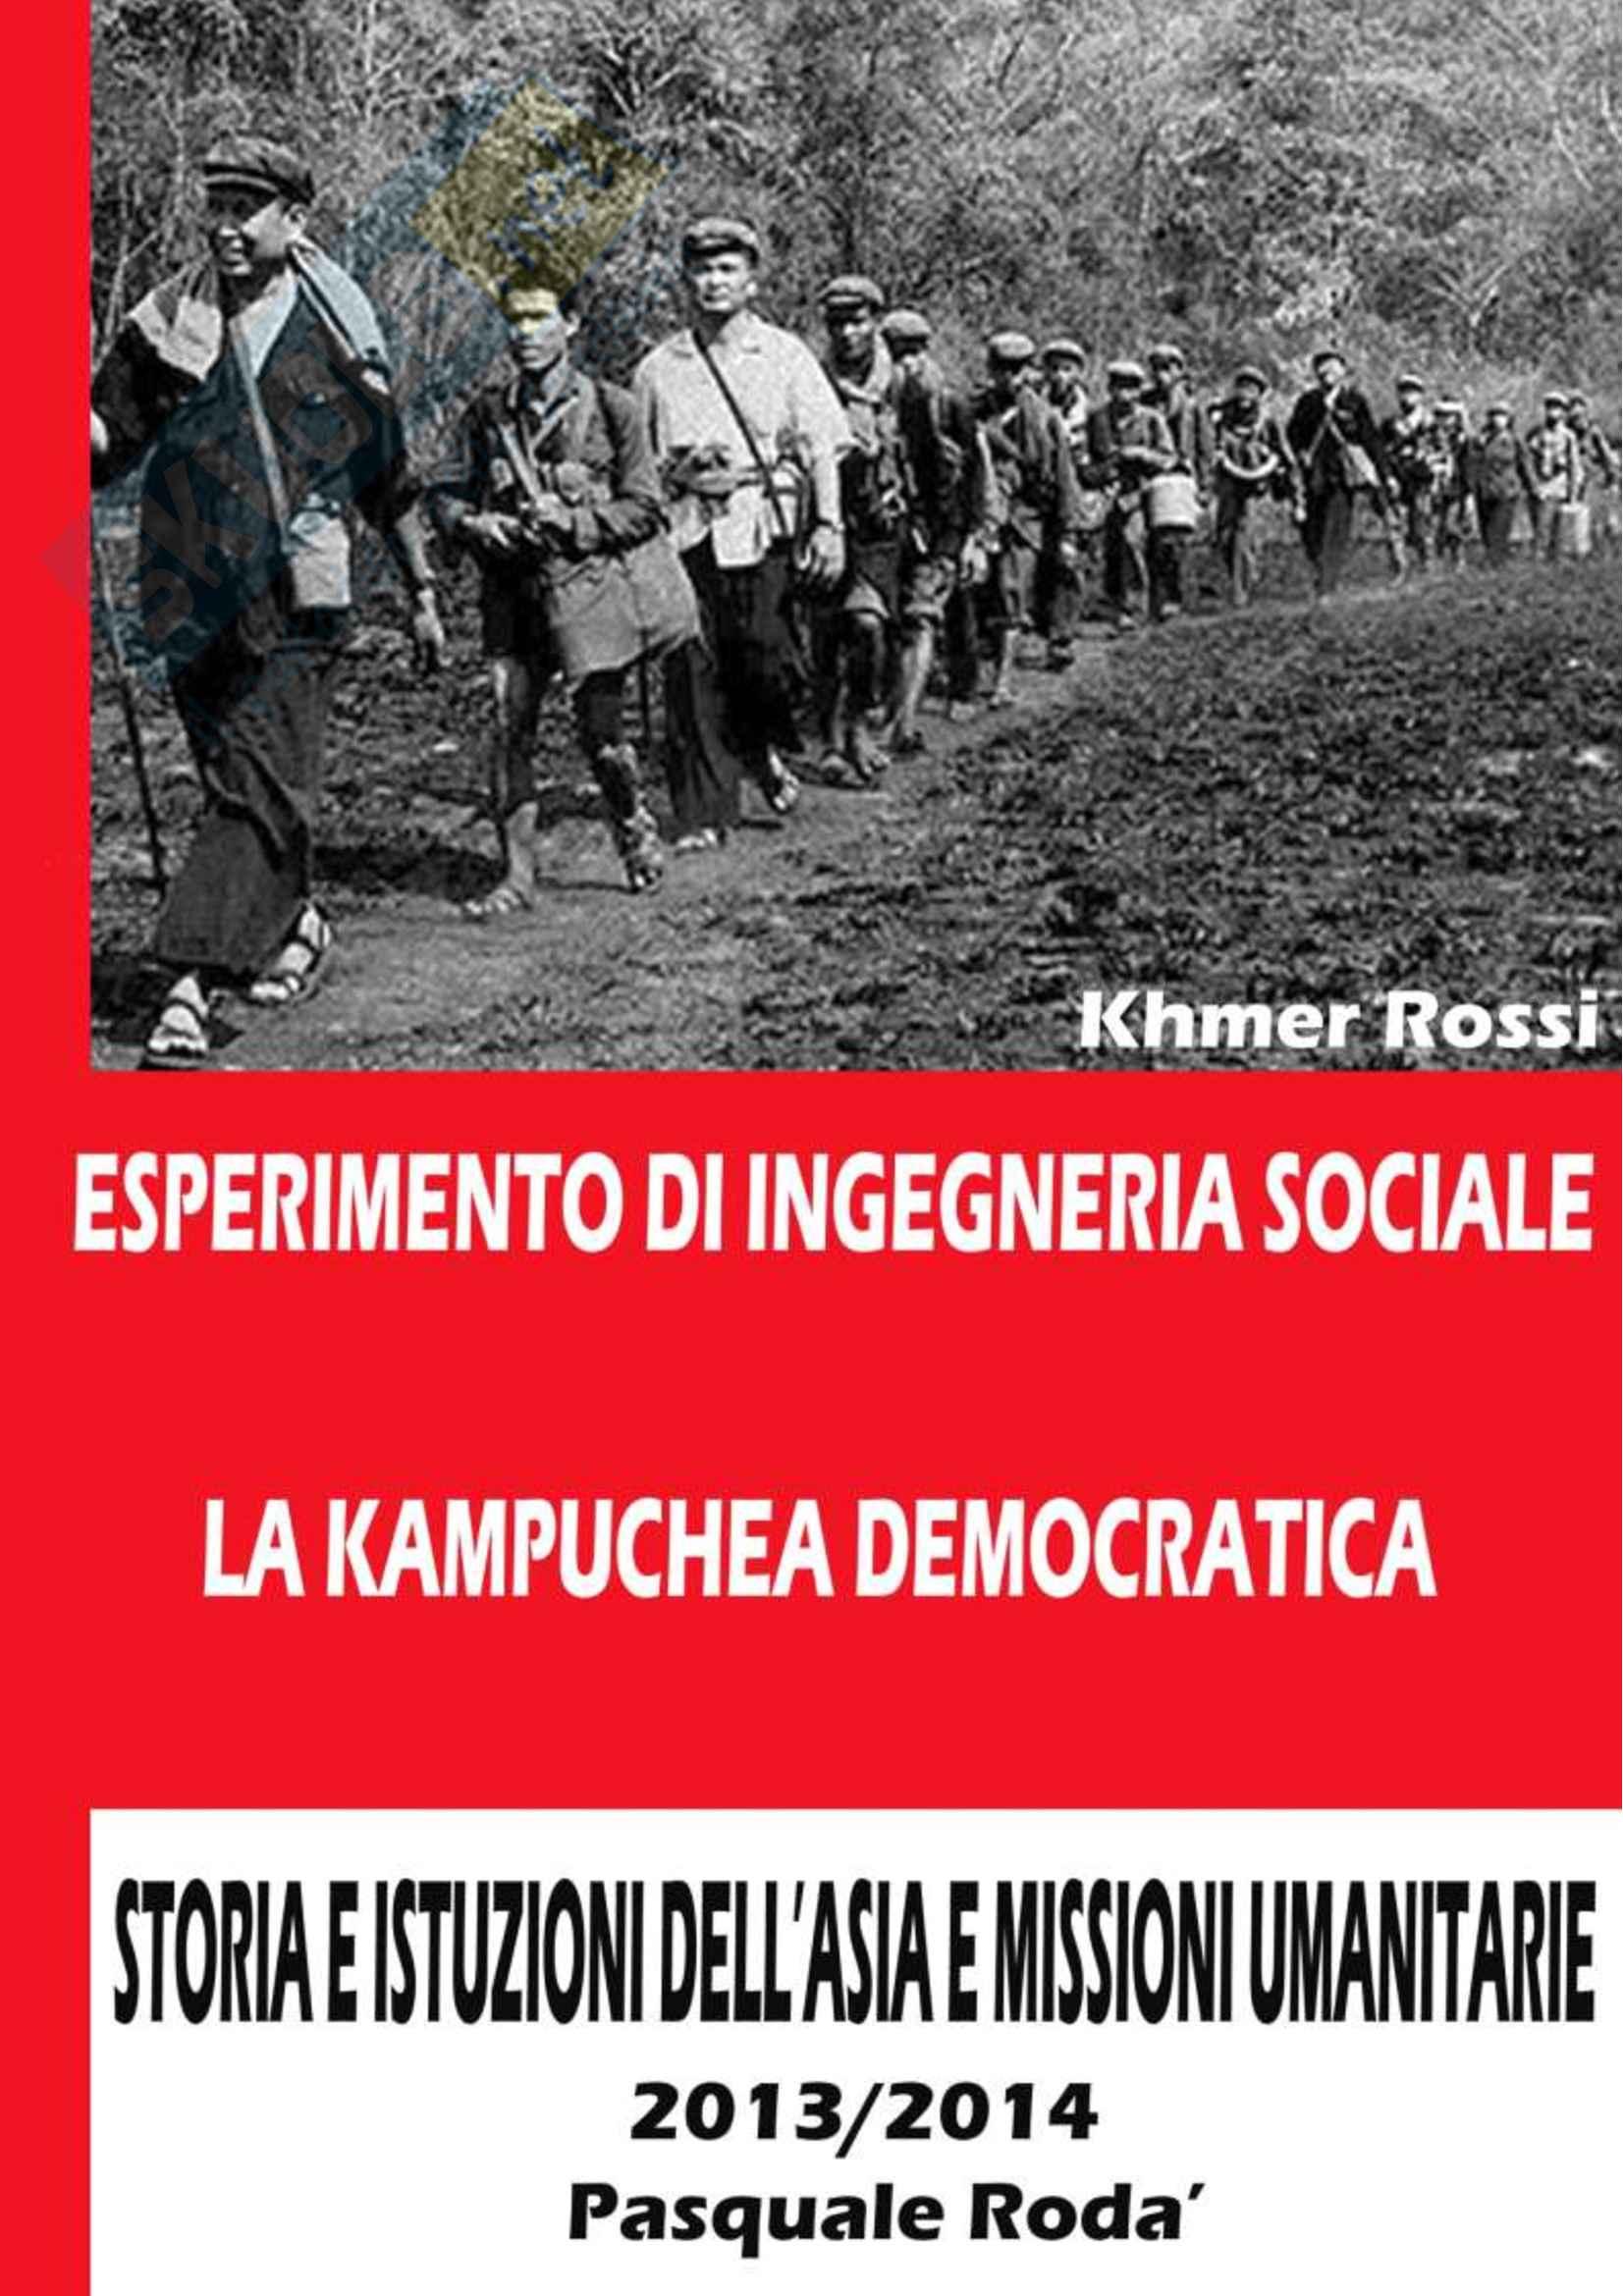 Storia dell'asia e missioni umanitarie - esperimento di ingegneria sociale Pag. 1